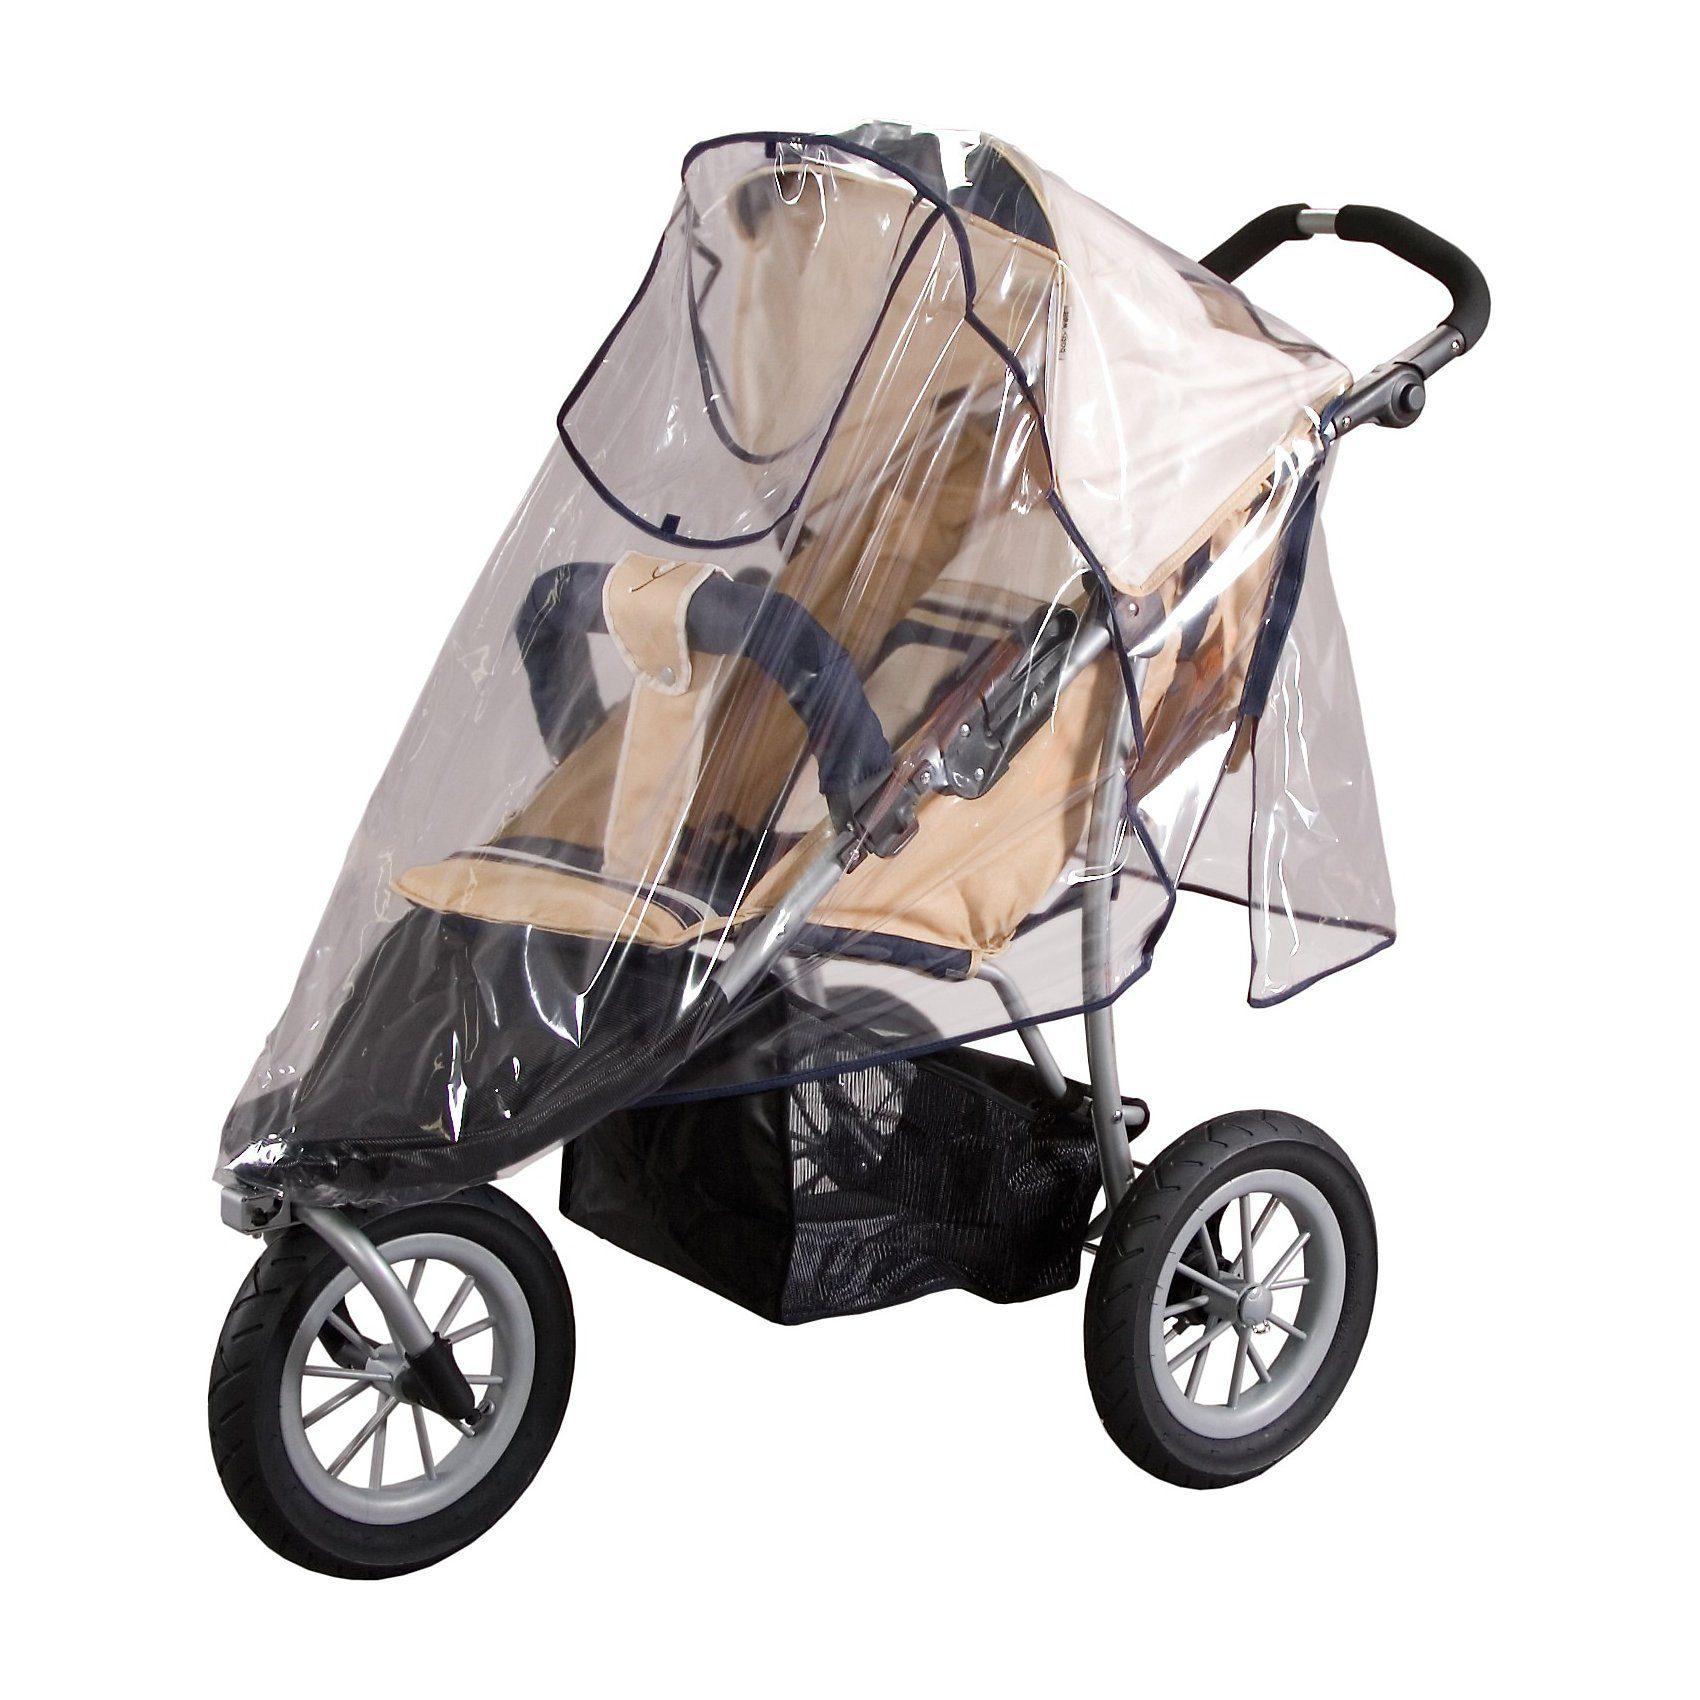 sunnybaby Universal-Regenverdeck für Sportwagen, Jogger, Buggys, mit S